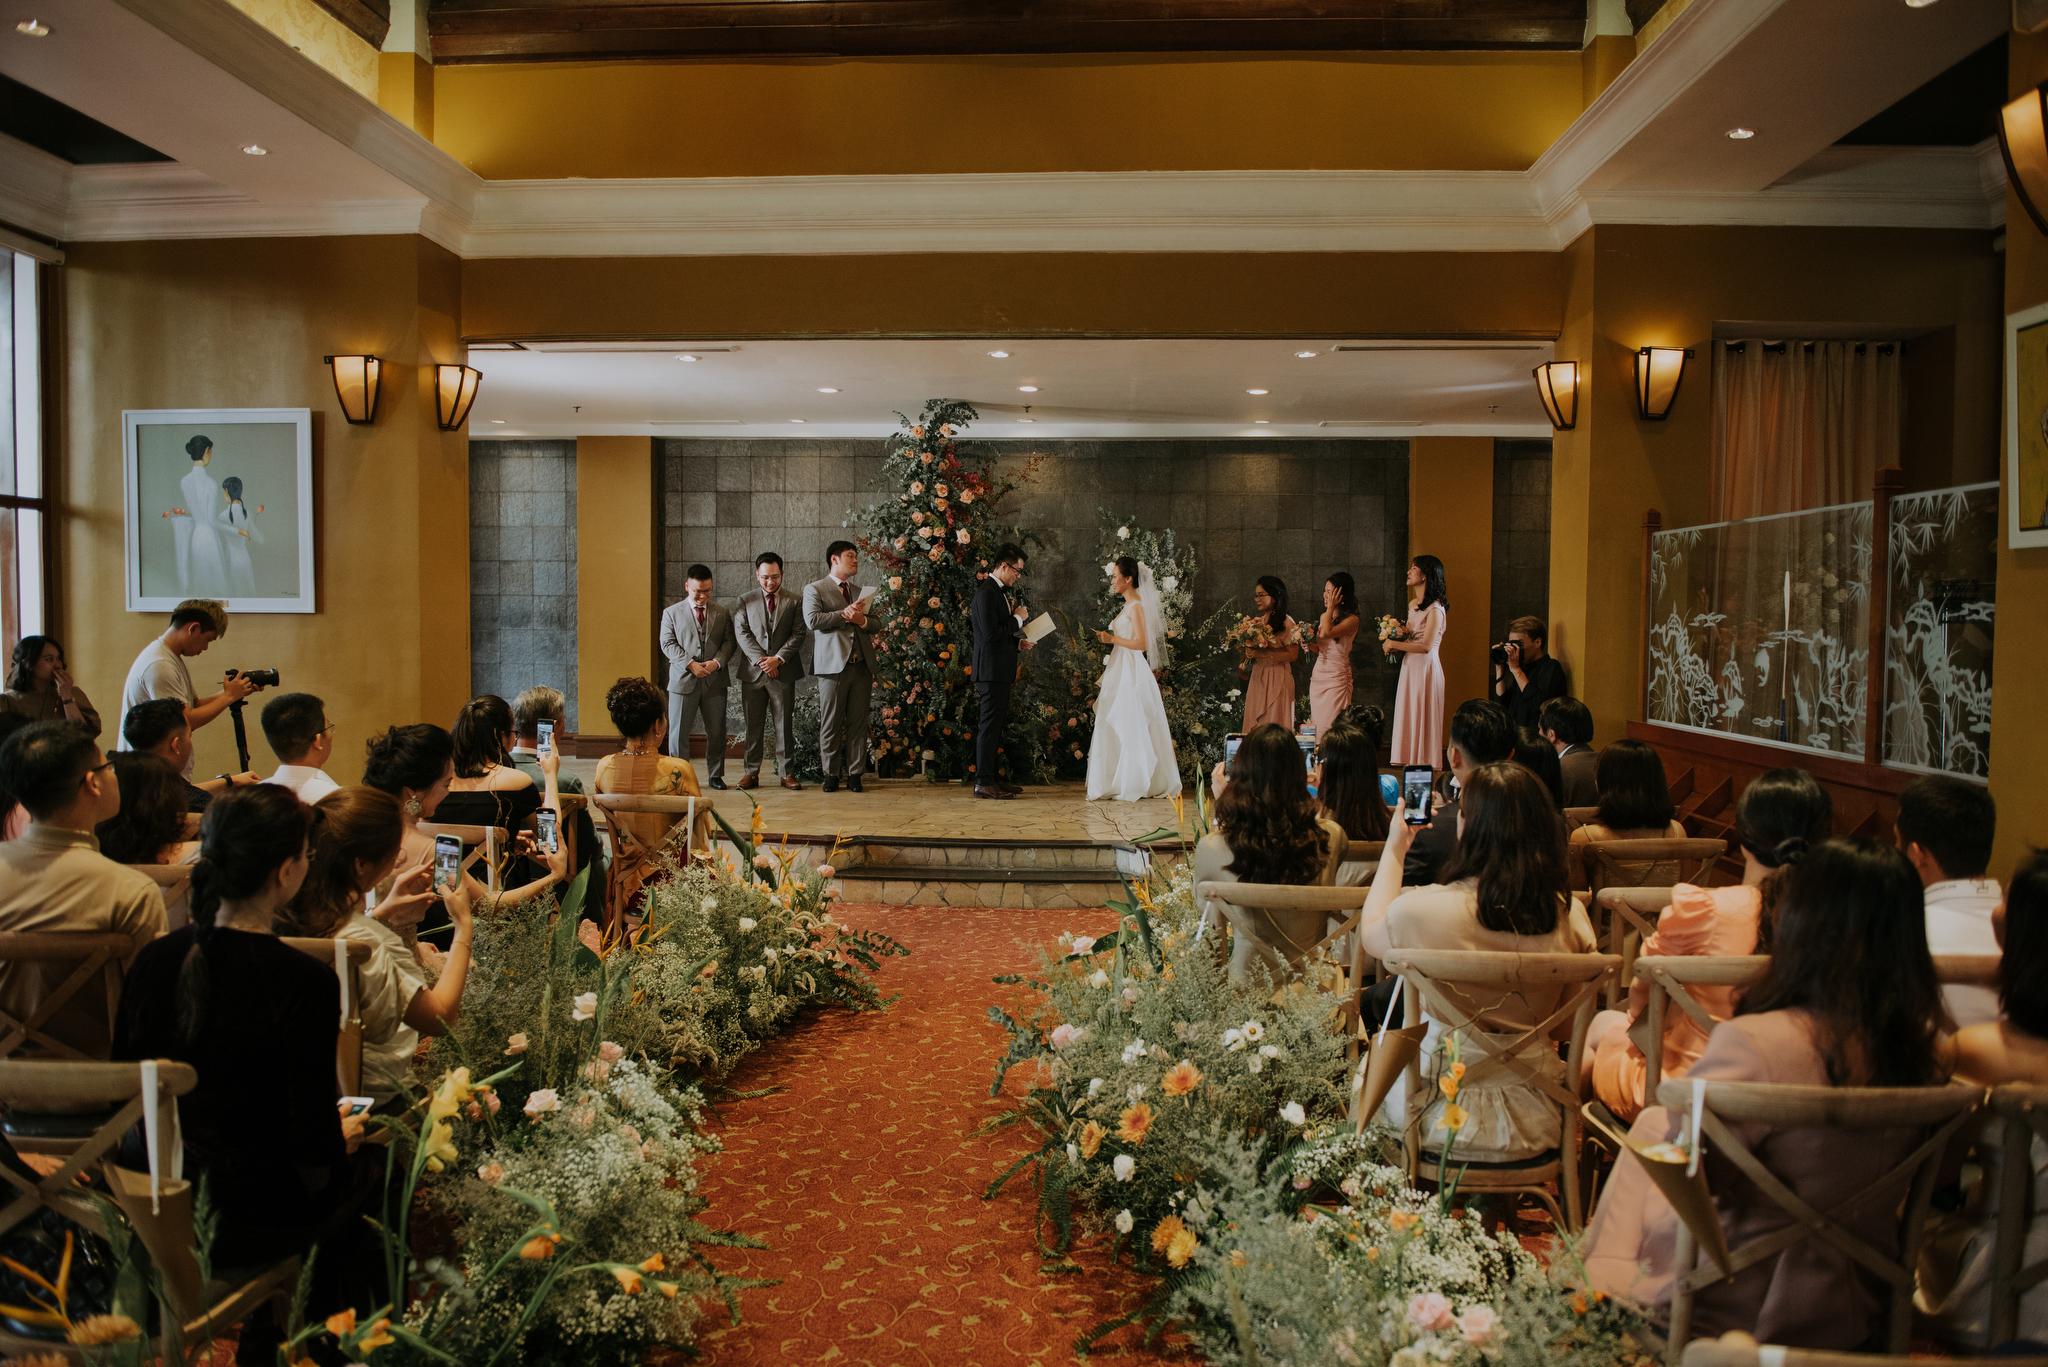 https://huk.s3.amazonaws.com/uploads/image/source/1410/Phuong-Diep-HN-Ceremony-1-0491.JPG